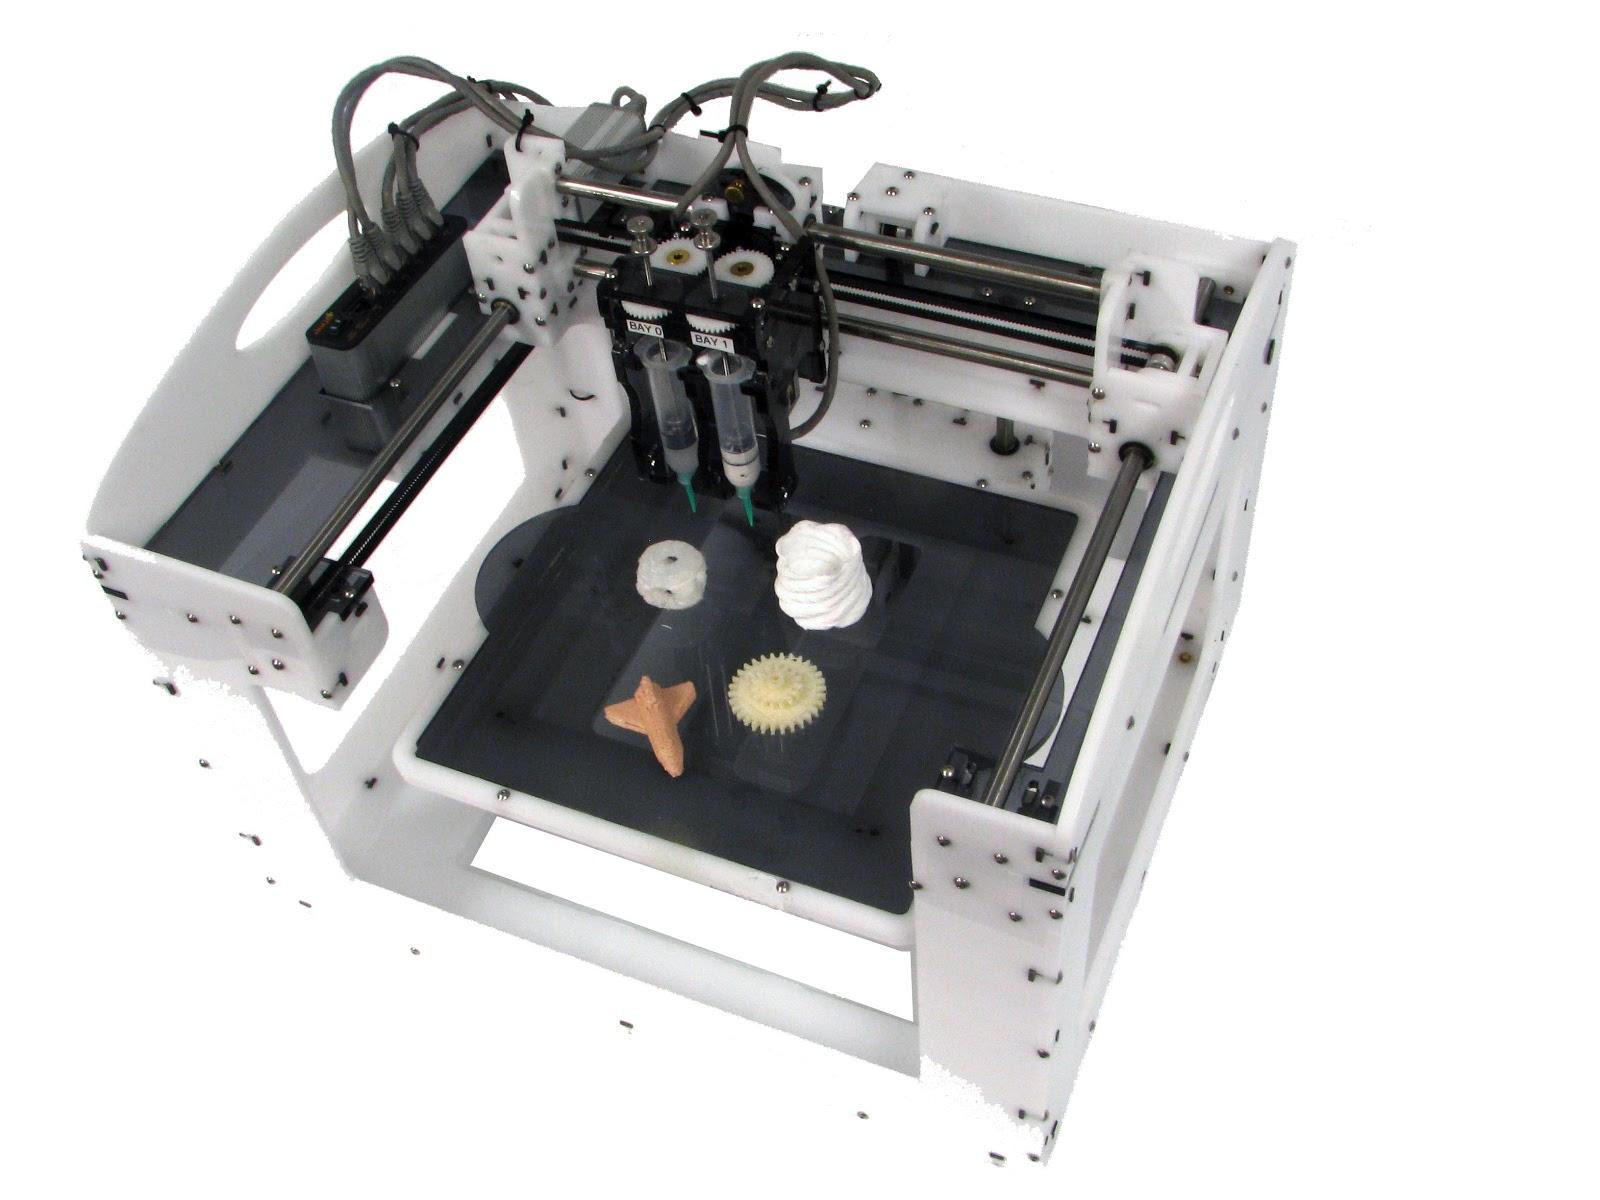 https://upload.wikimedia.org/wikipedia/en/9/96/Fab%40Home_Model_2_3D_printer.jpg